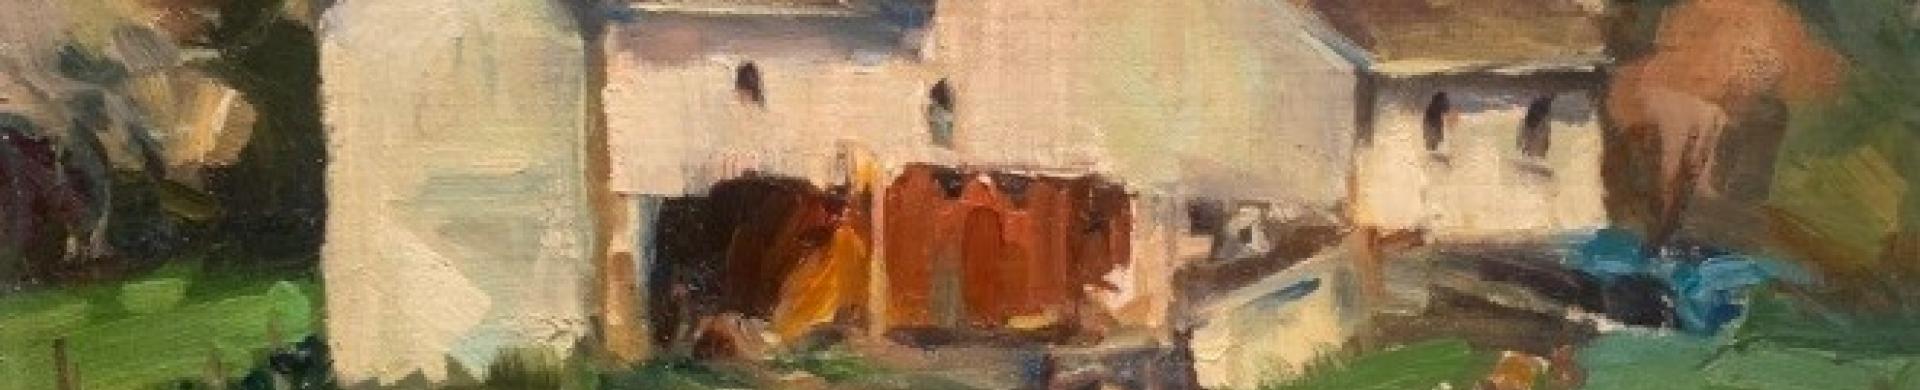 Jacalyn Beam farmhouse painting